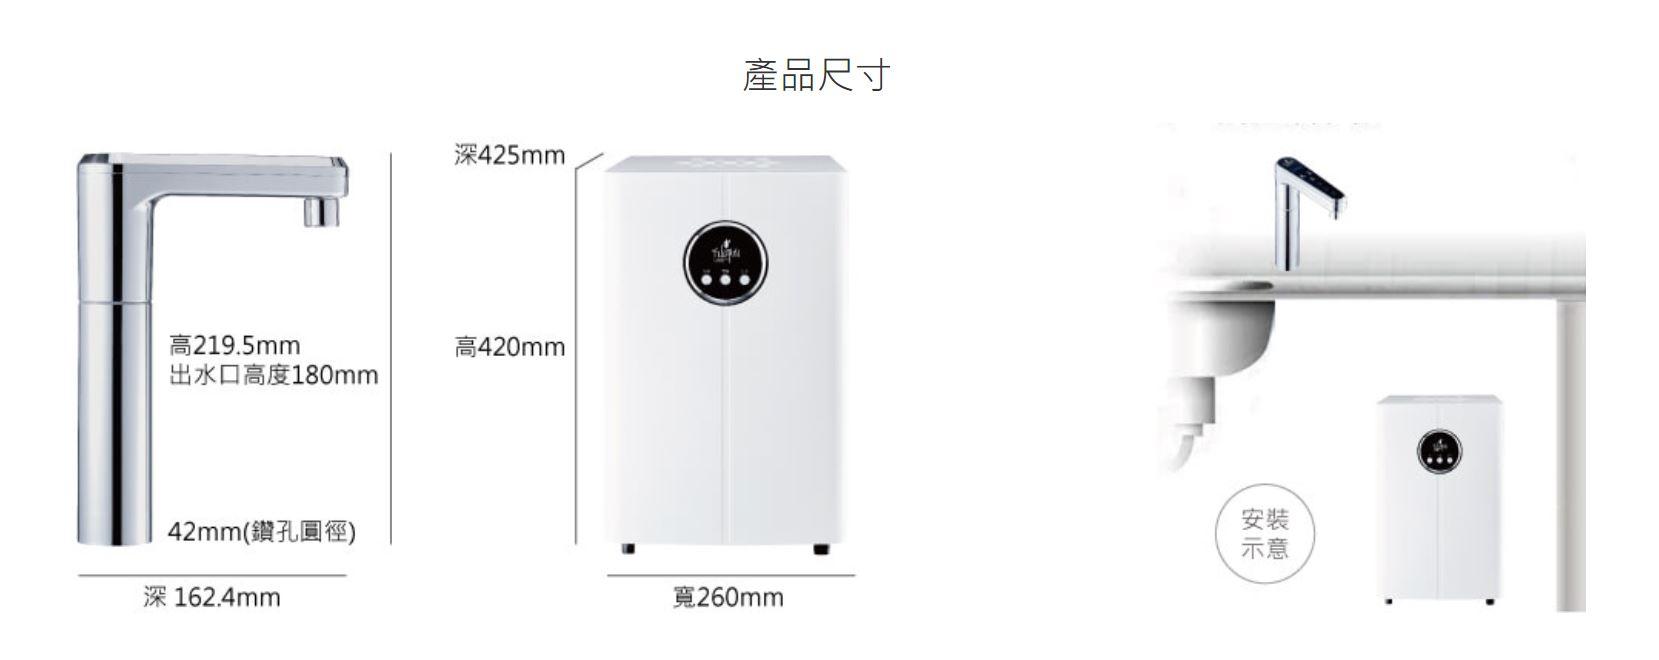 飲水機推薦-TK6000廚下型冰溫熱觸控飲水機尺寸小好收納